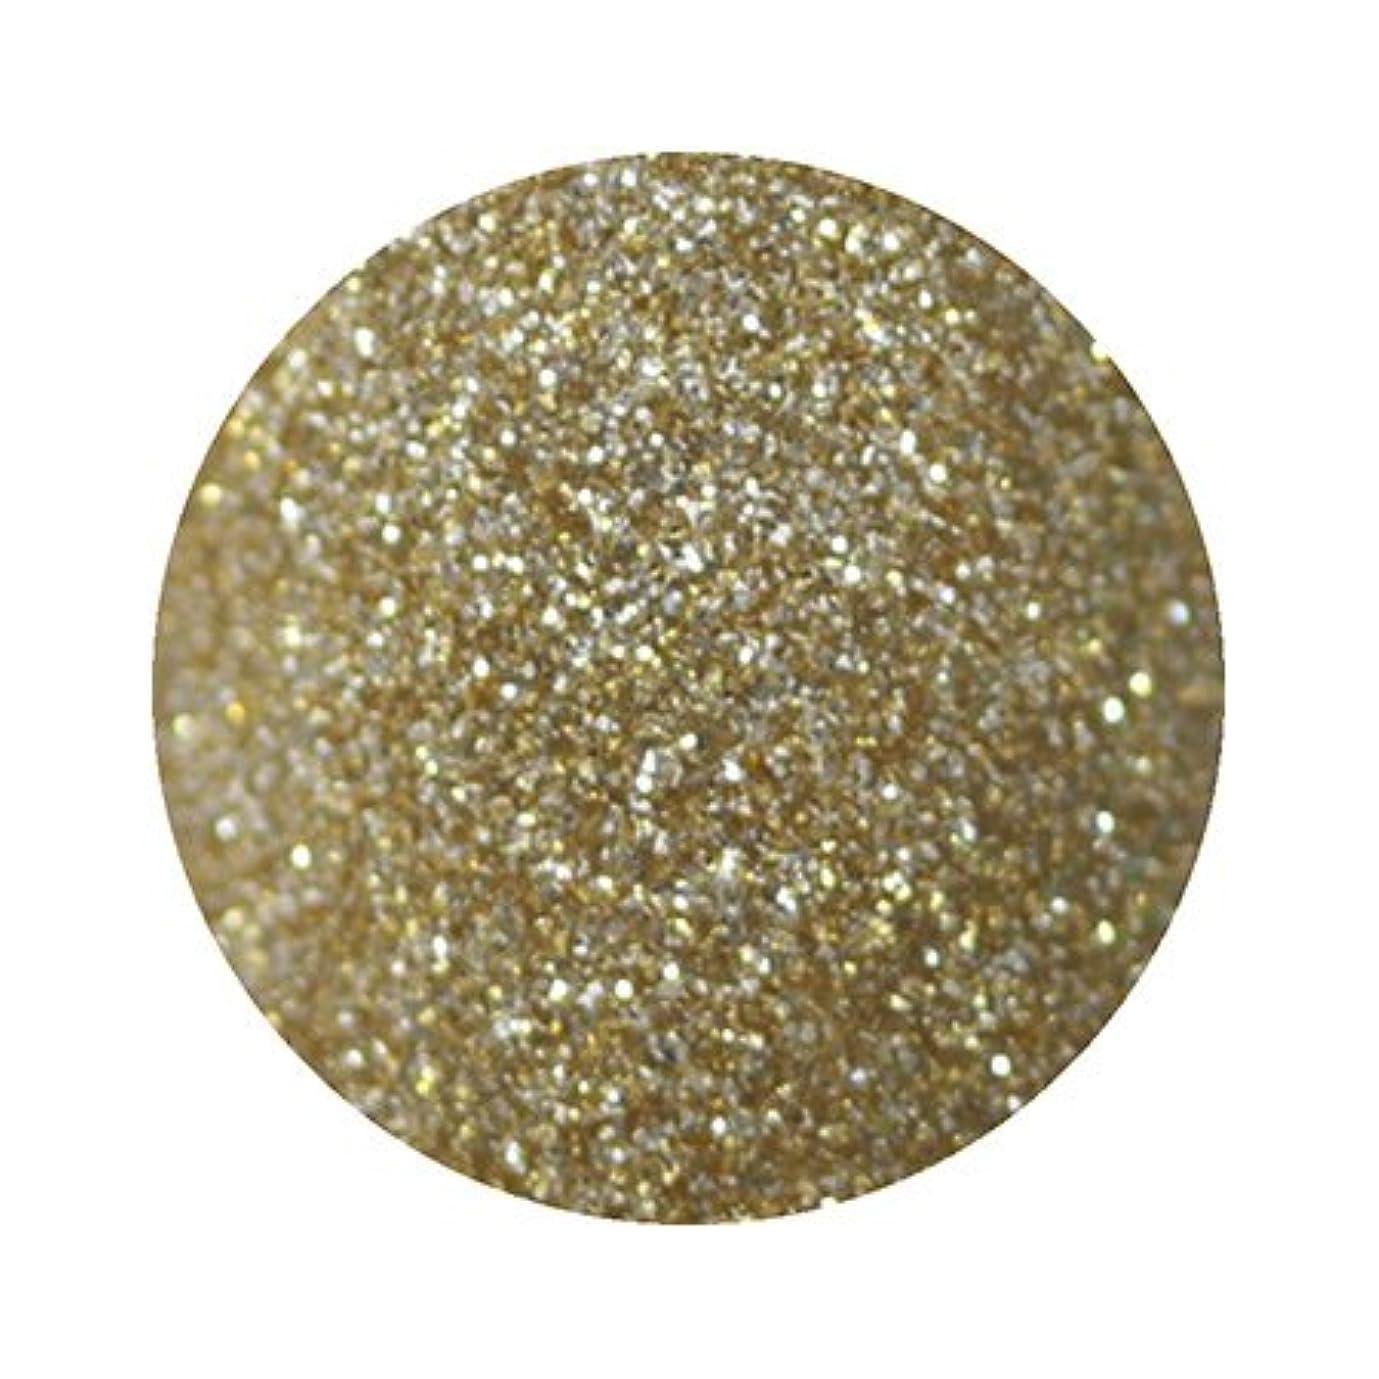 達成カナダ専門知識パラポリッシュ ハイブリッドカラージェル GOLD(ゴールド) 7g